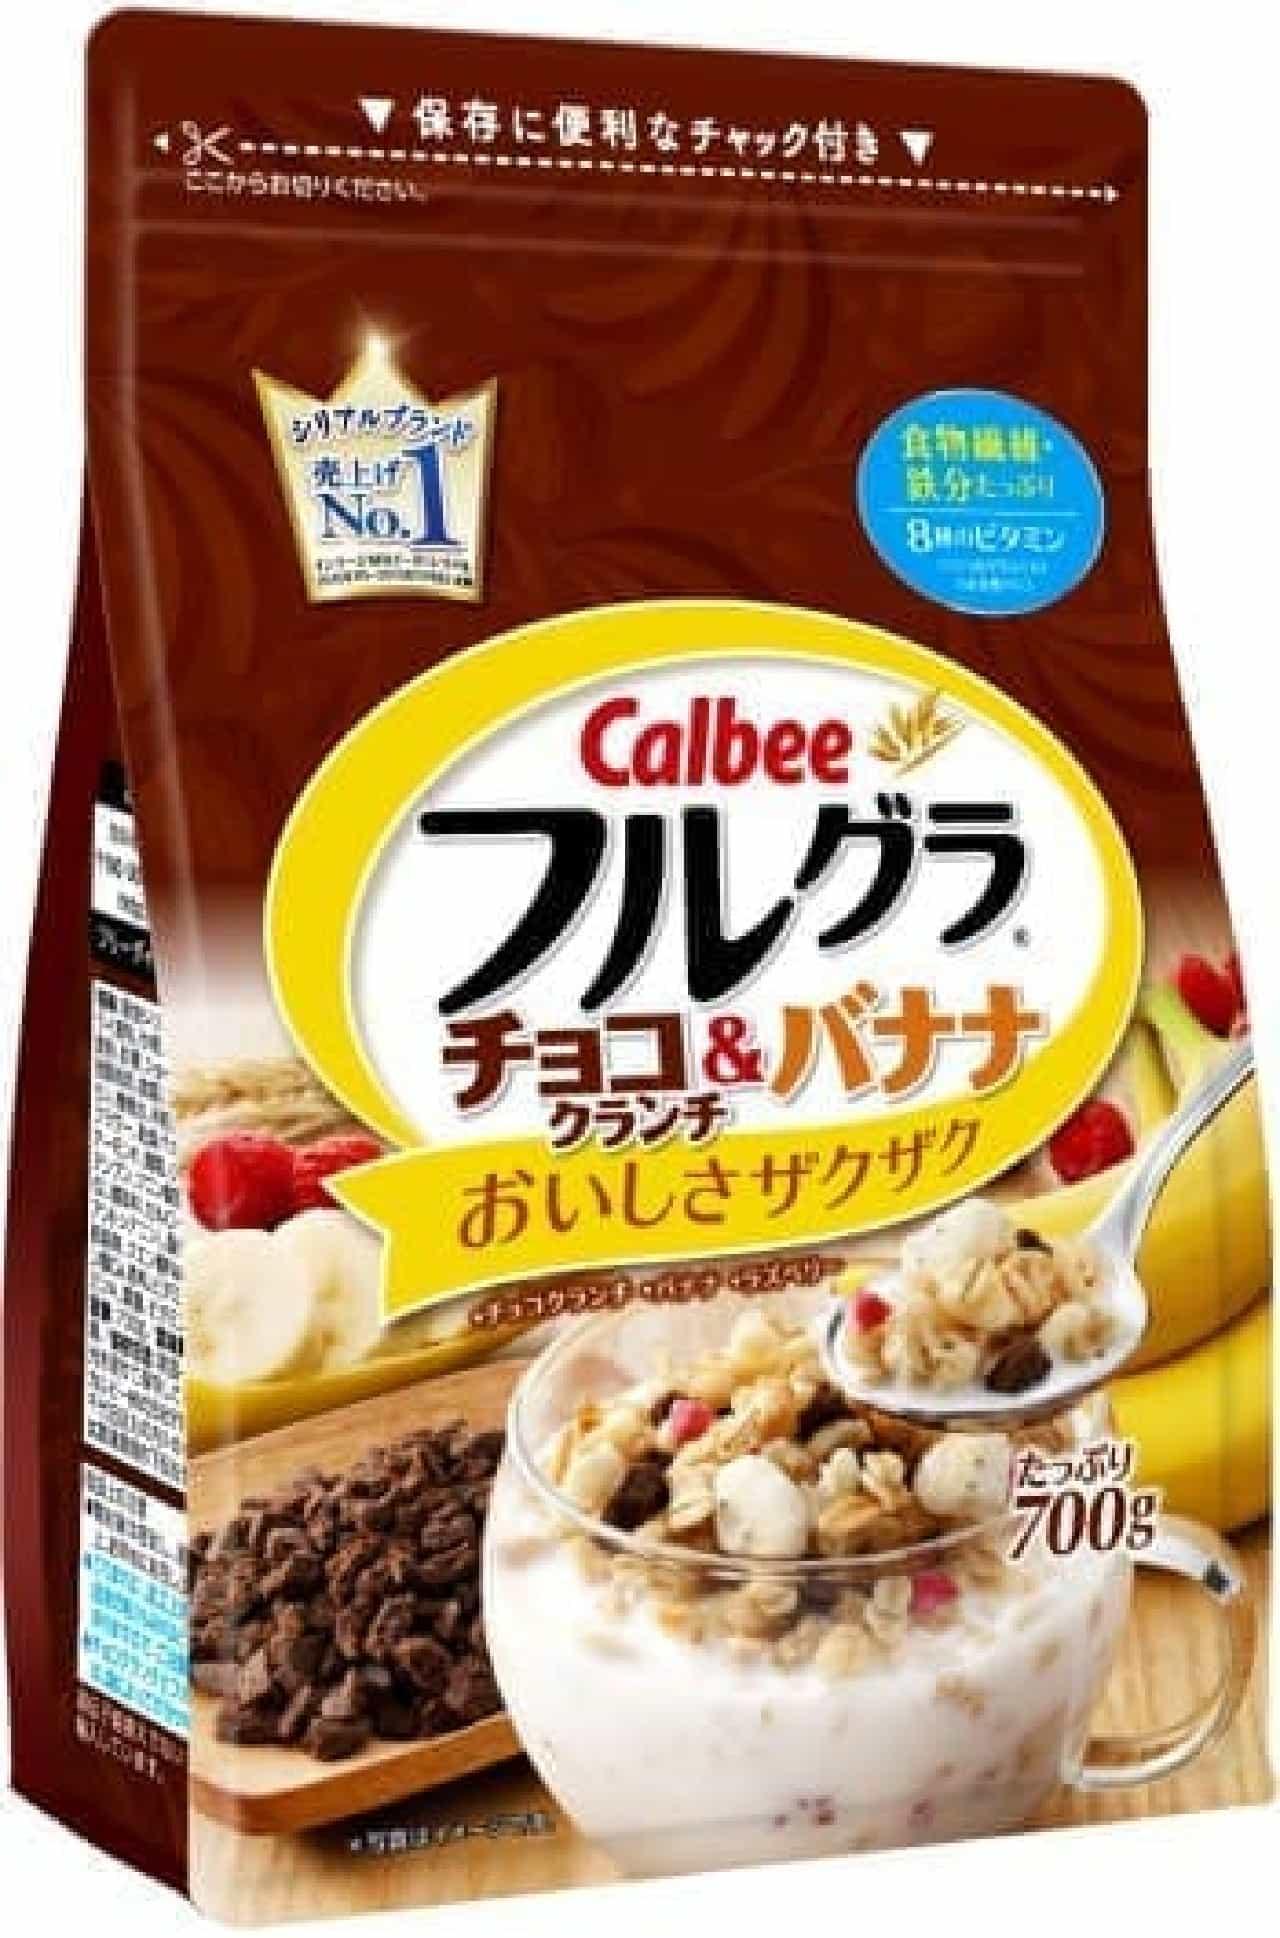 カルビー「フルグラ チョコクランチ&バナナ」